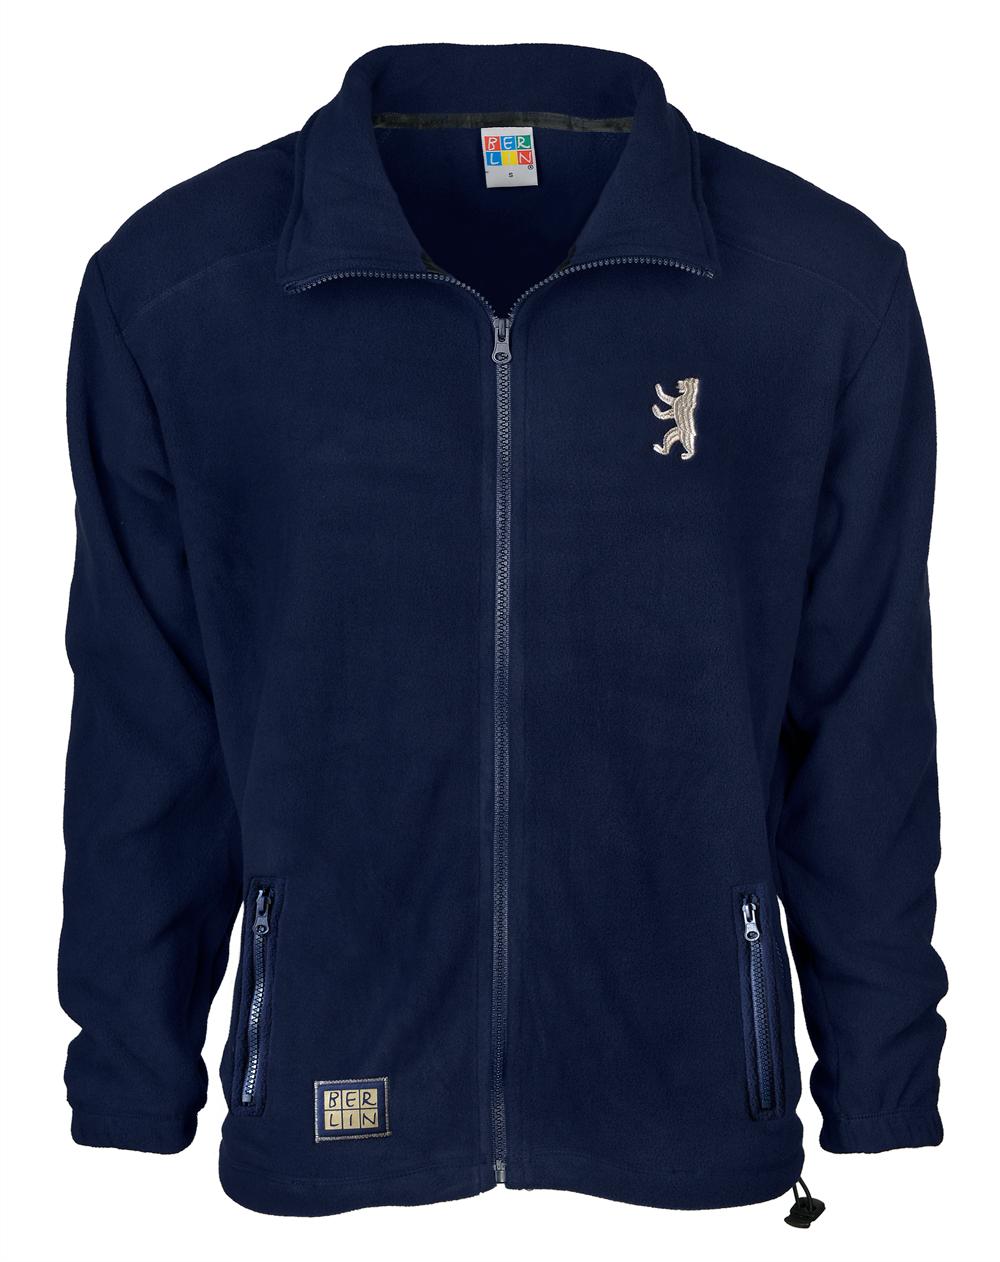 Polar Fleece-Jacke BERLIN blau-XL